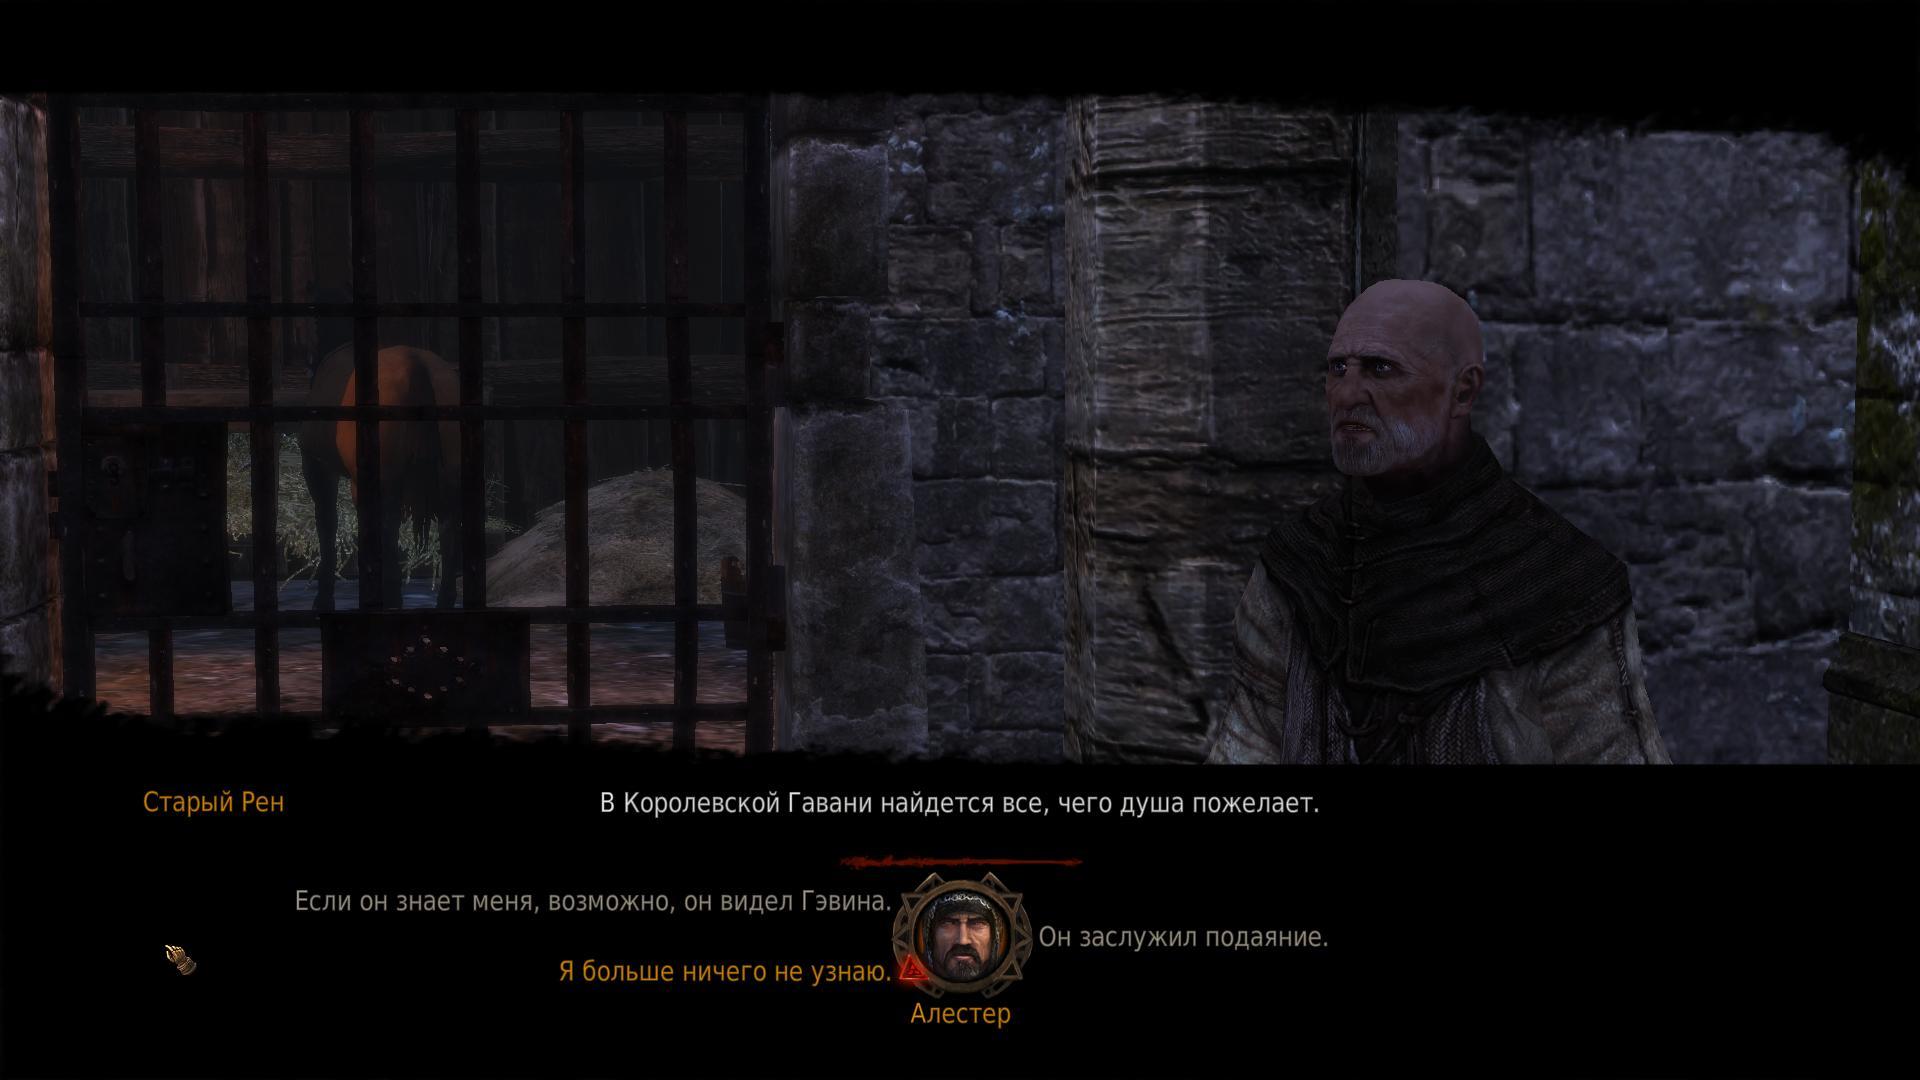 Описание игры торрент скриншоты видео